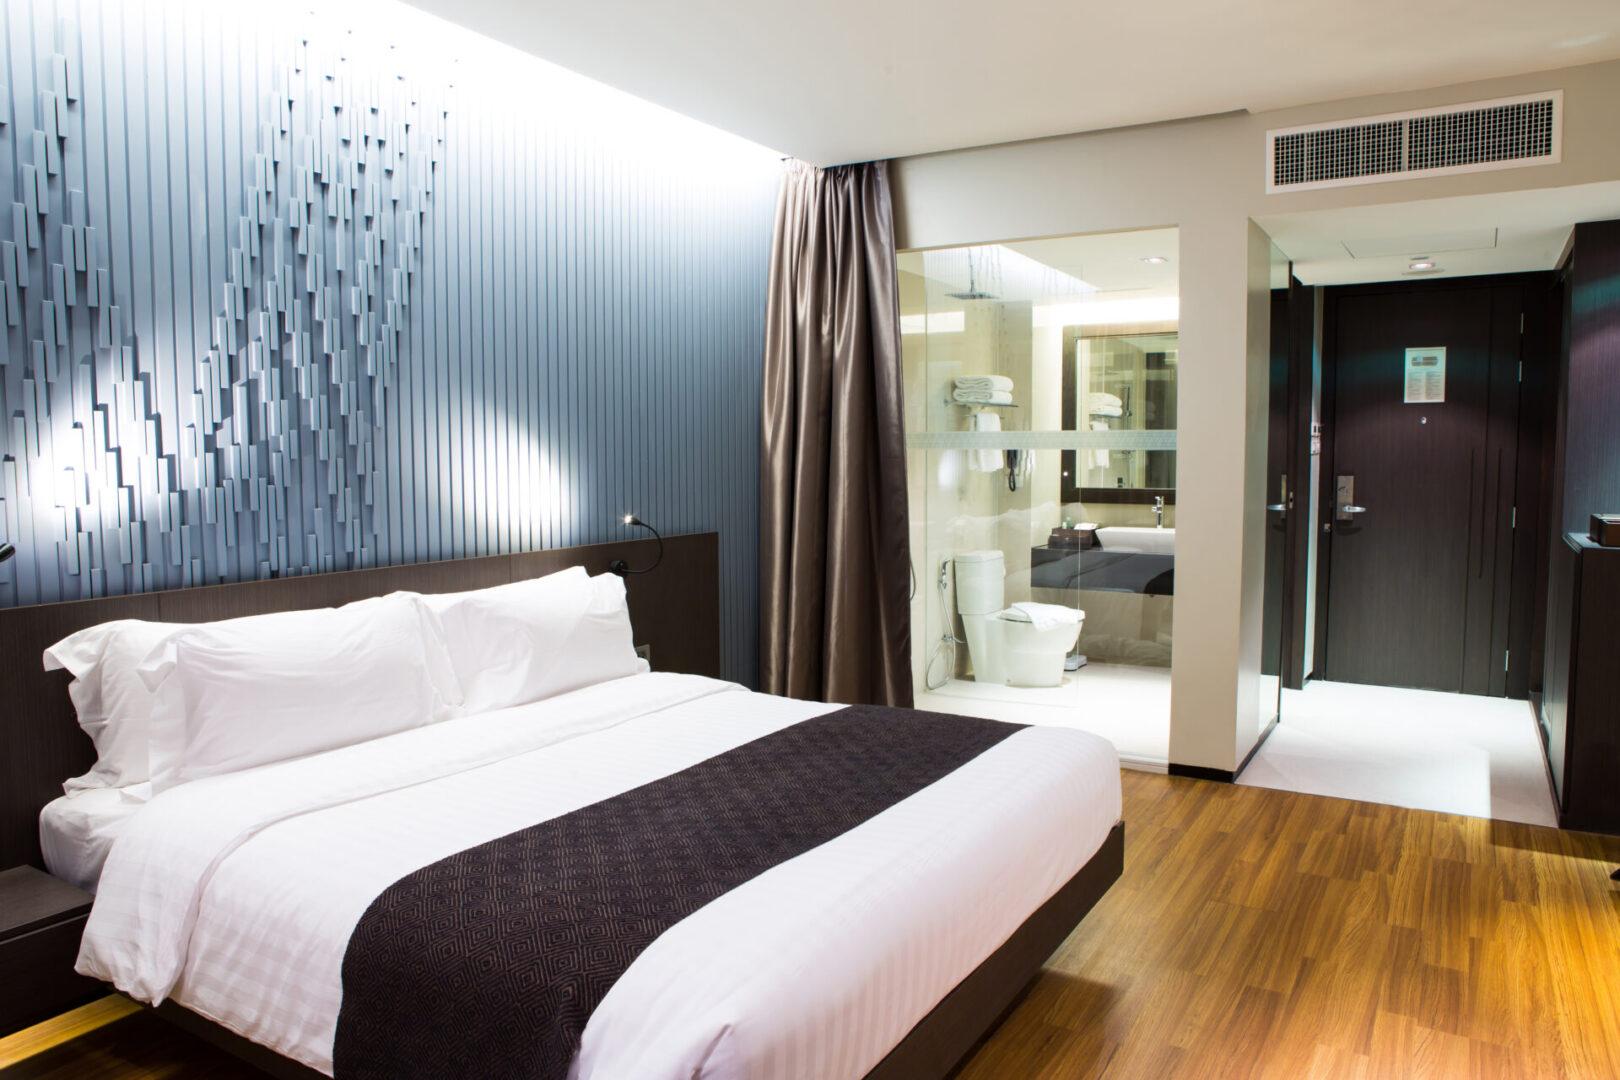 Akustik Kamar Hotel – bagaimana kebisingan memengaruhi kenyamanan  seseorang di hotel